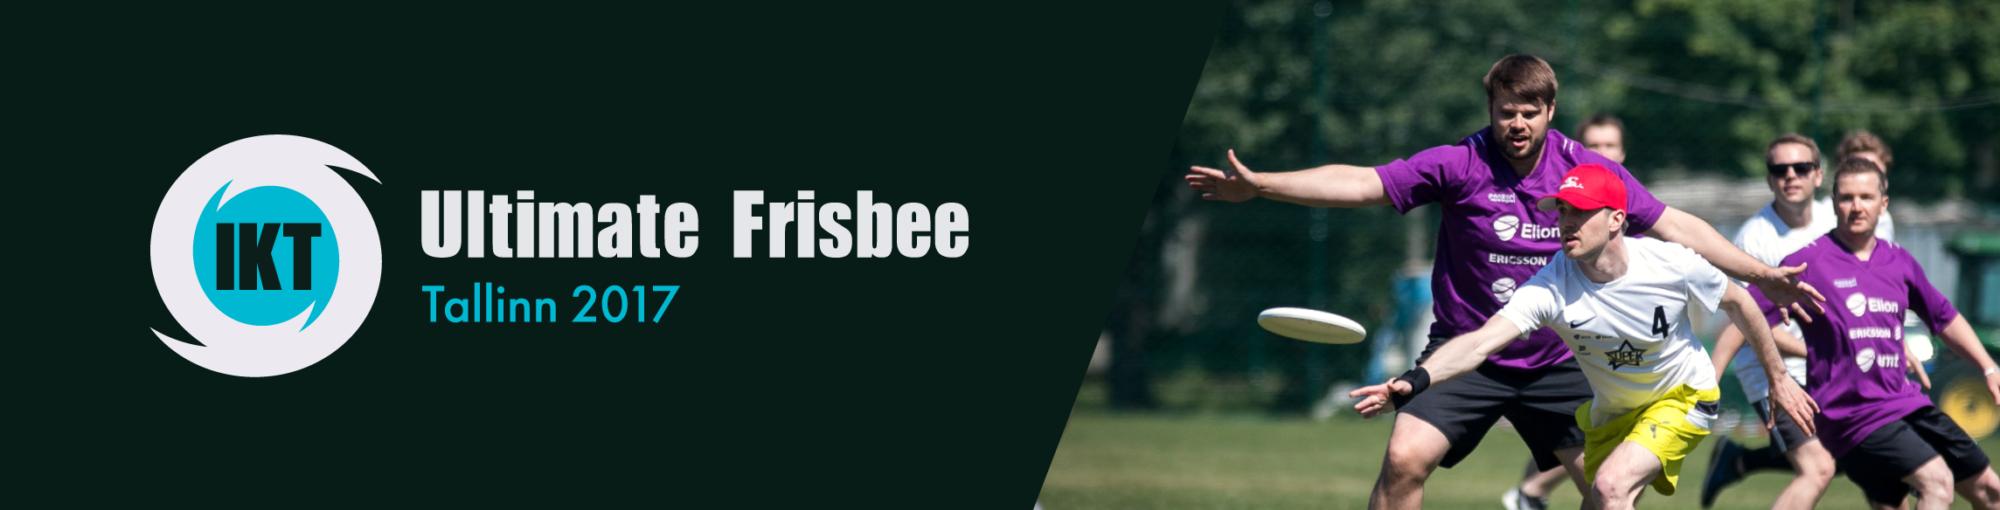 IKT Ultimate Frisbee – Tallinn 2016